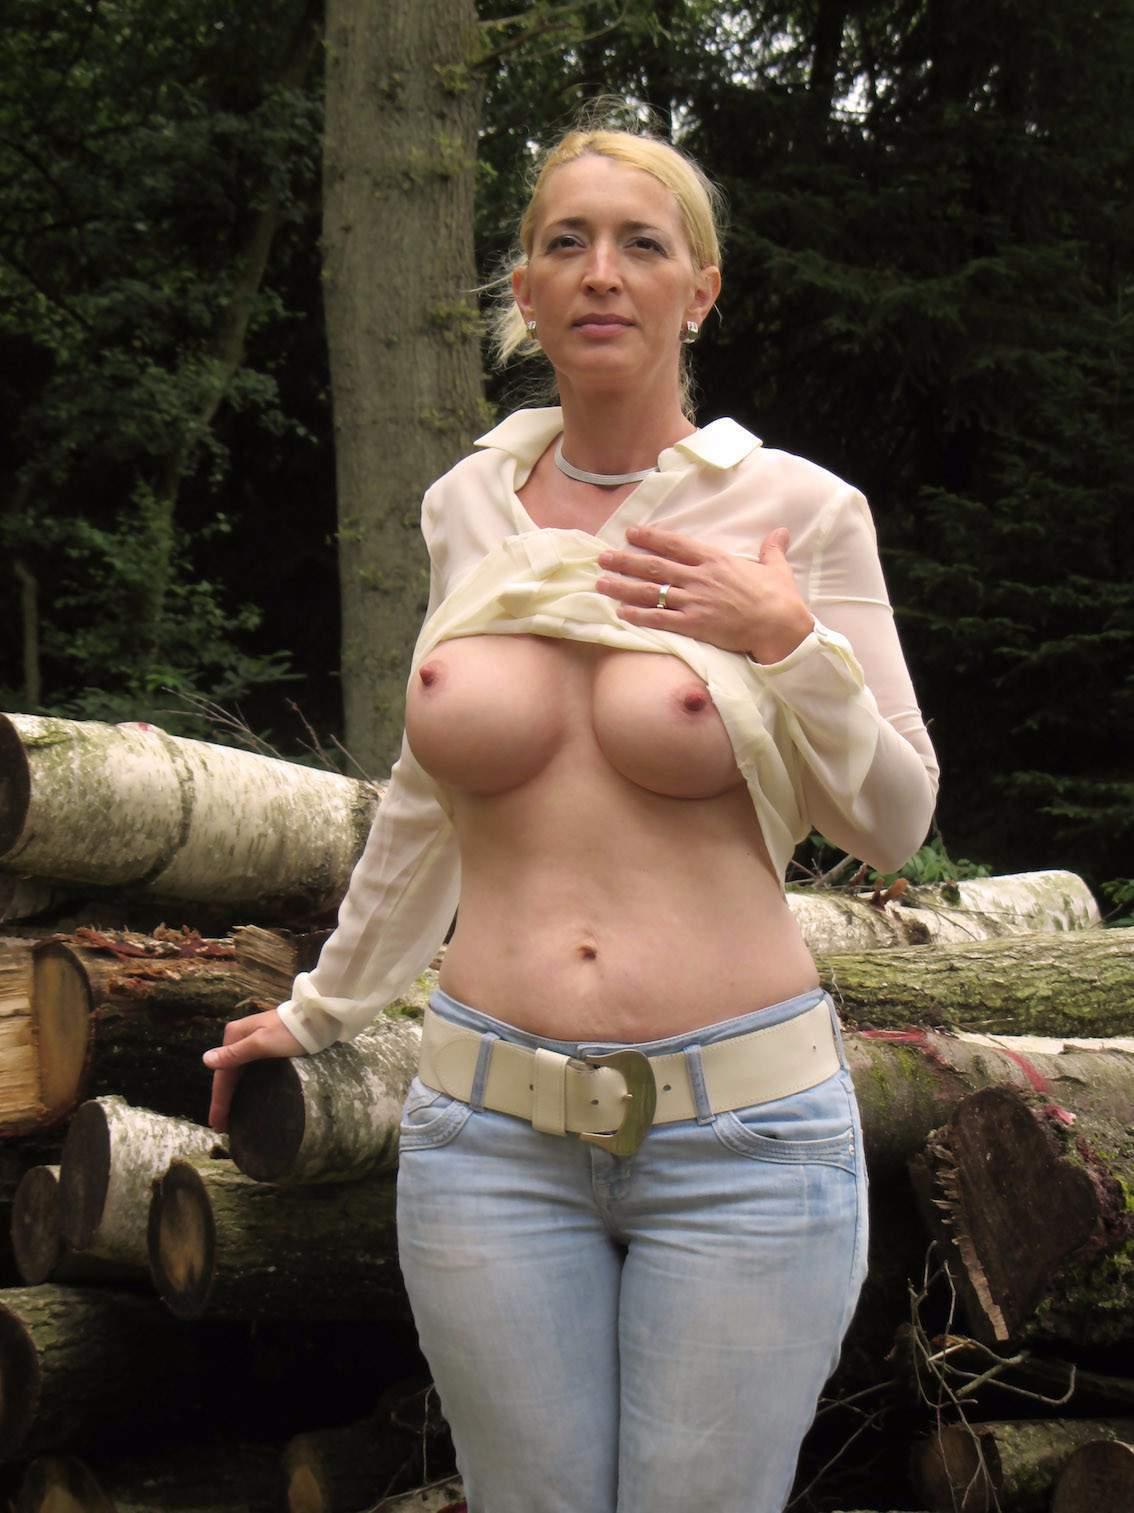 http://img24.rajce.idnes.cz/d2402/13/13133/13133717_9c6391c5702f90347cd7f2ea12218ba5/images/155.jpg